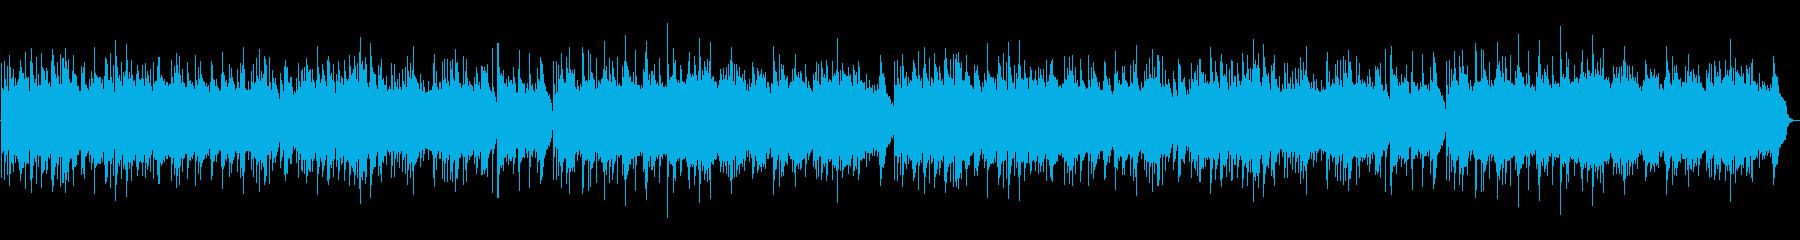 【オルゴール】スタッフロールエンドロールの再生済みの波形